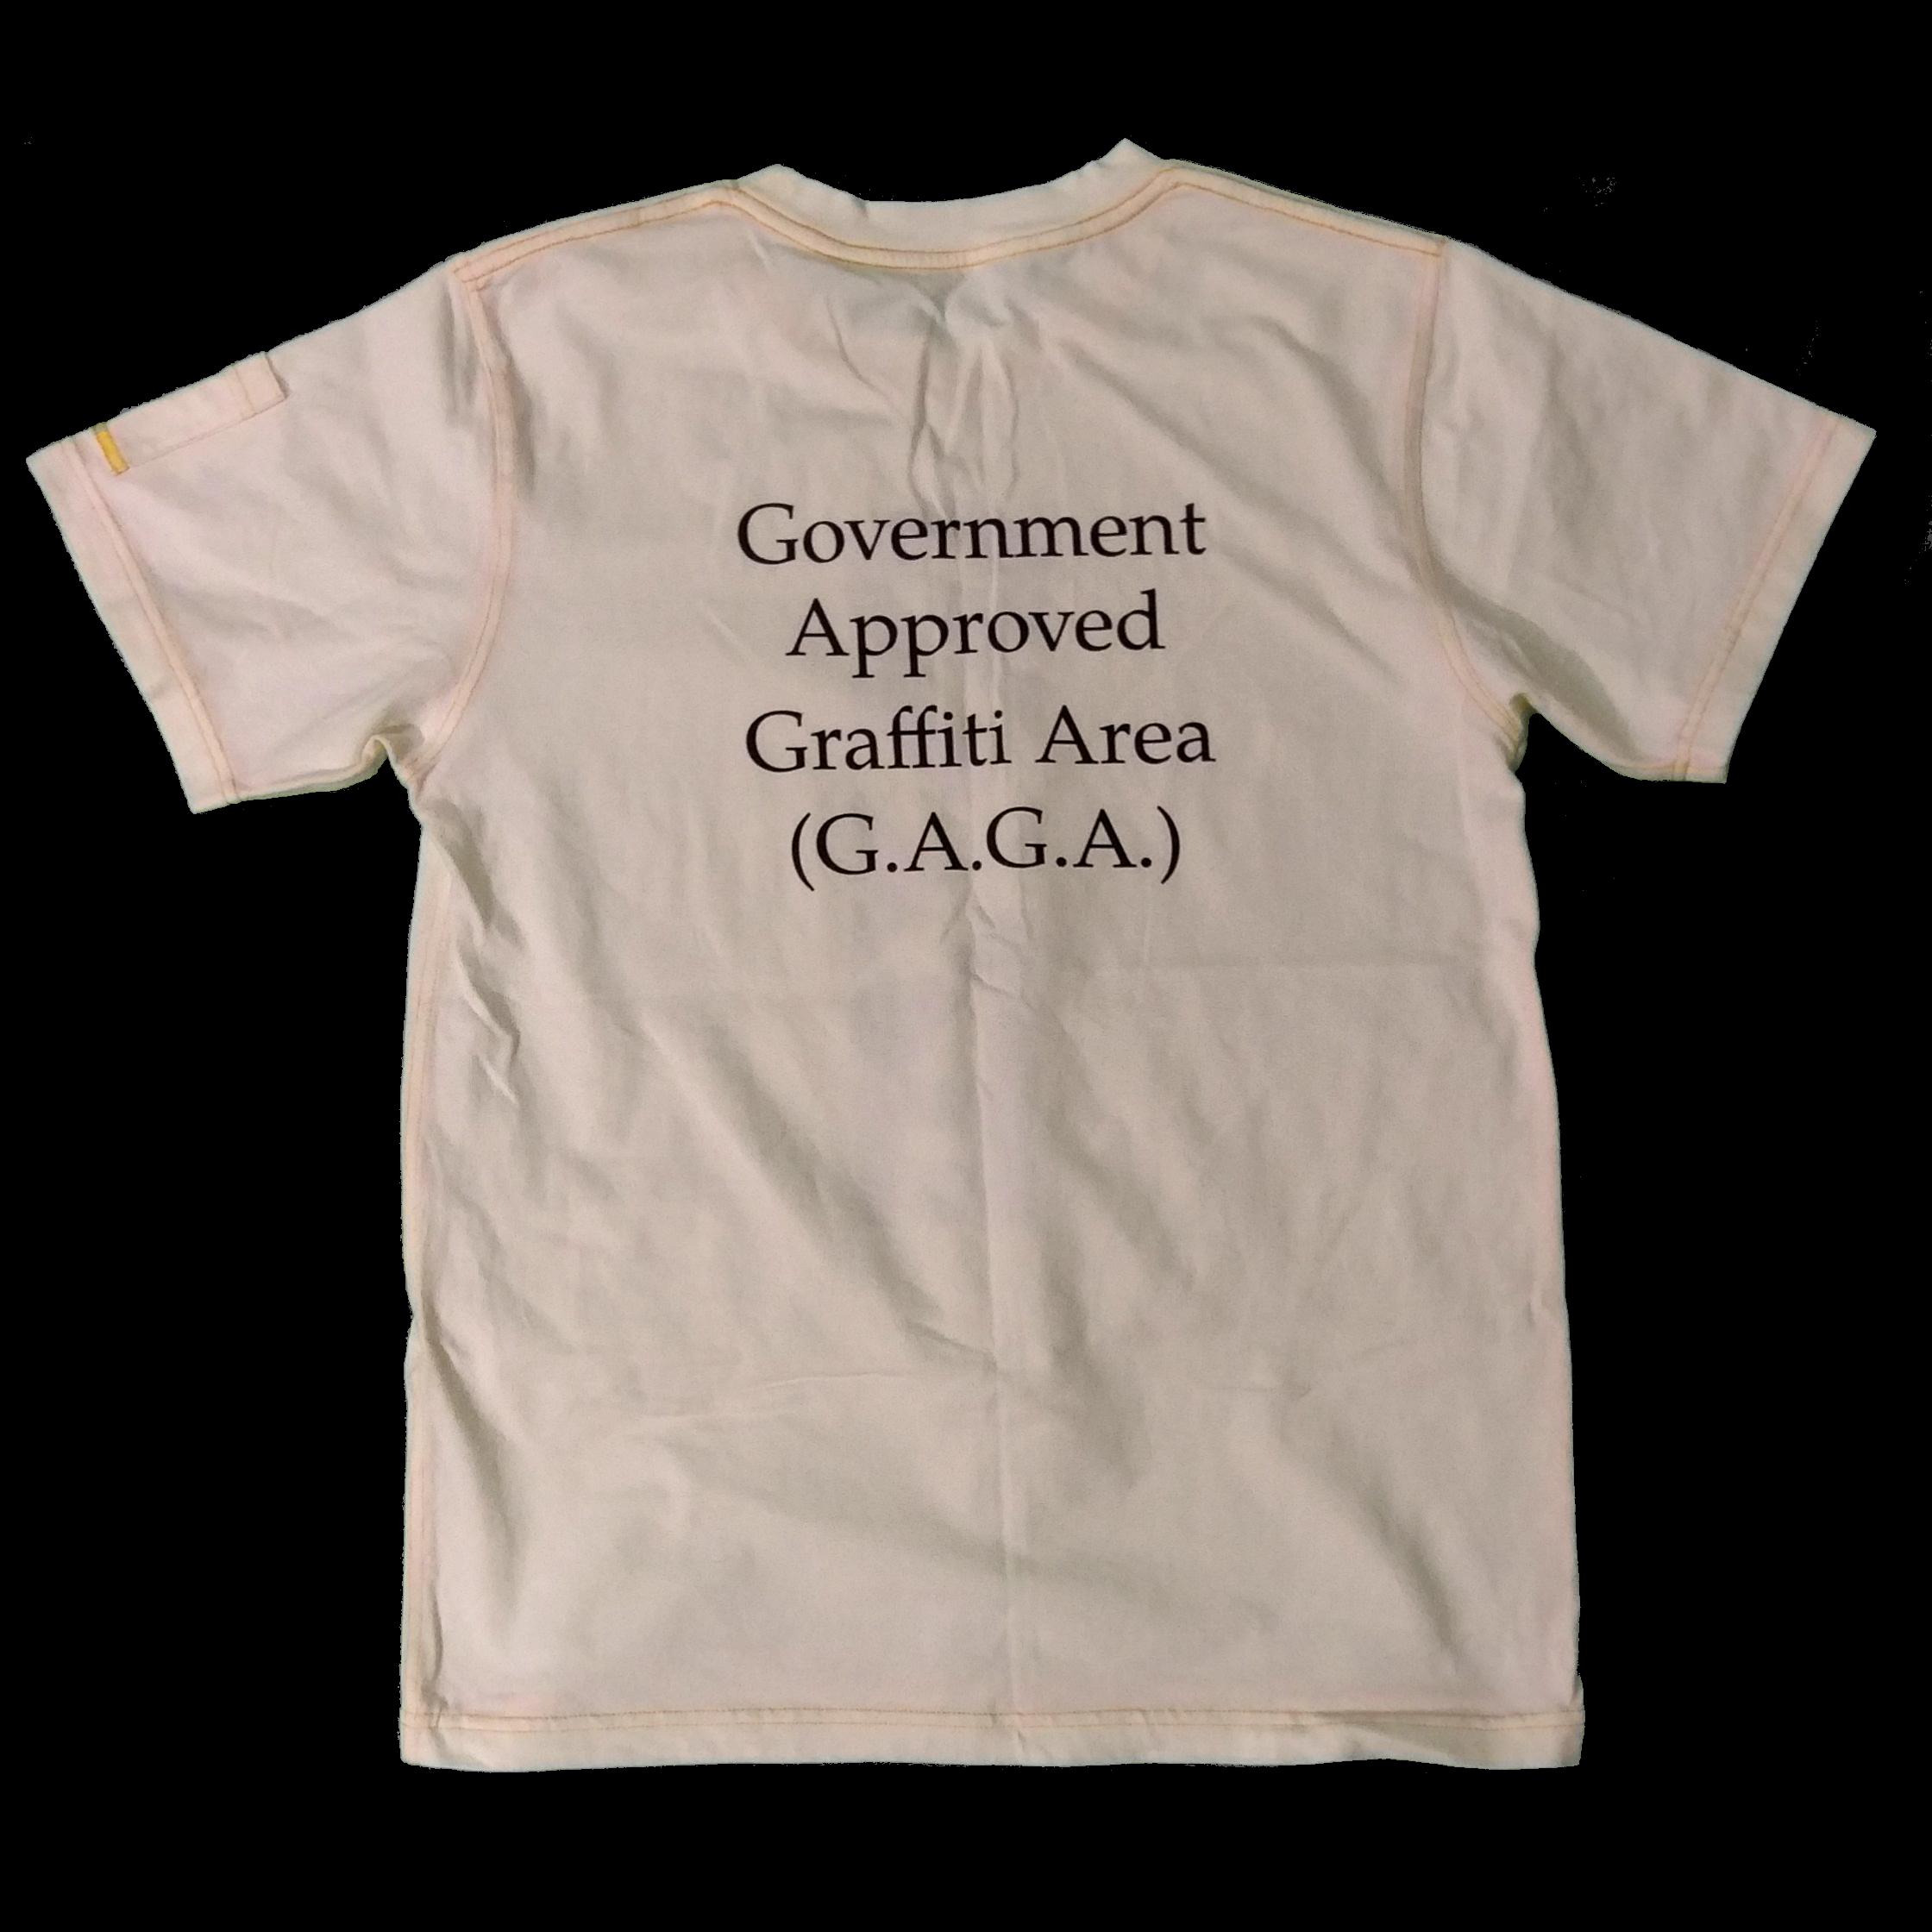 [合法塗鴉區G.A.G.A]-限量版 Government Approved Graffiti Area (G.A.G.A.) Limited Edition